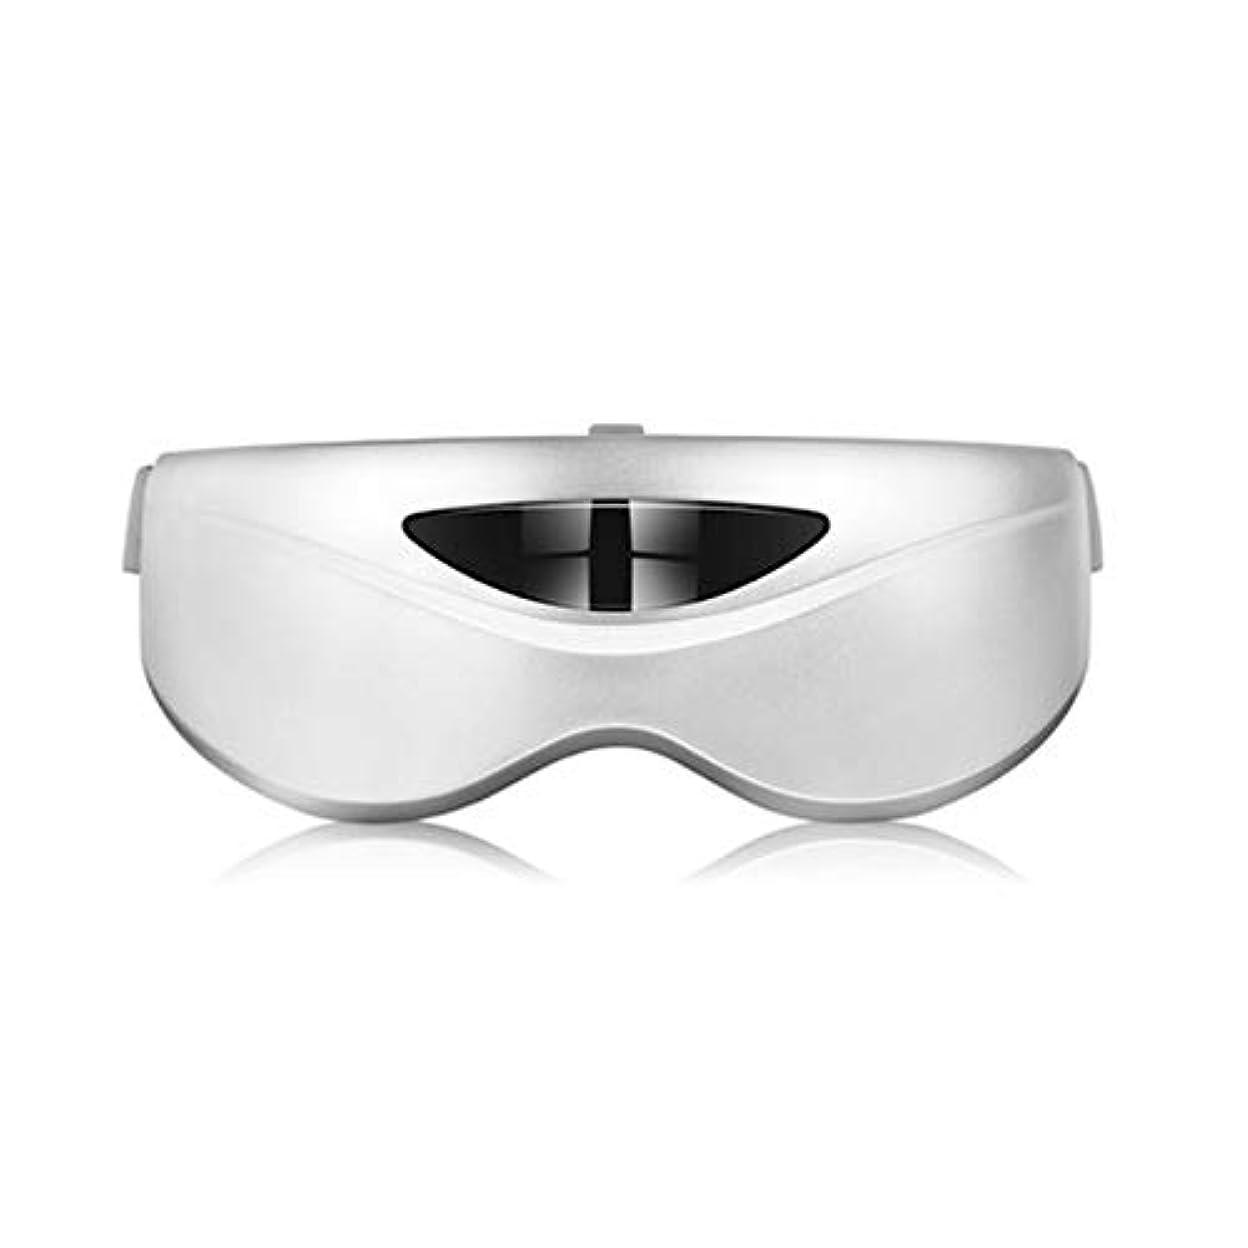 振りかけるシャーロットブロンテ状況マッサージ器 - 熱を緩和するアイケア機器アイマスク疲労マッサージ器 (Color : Silver)